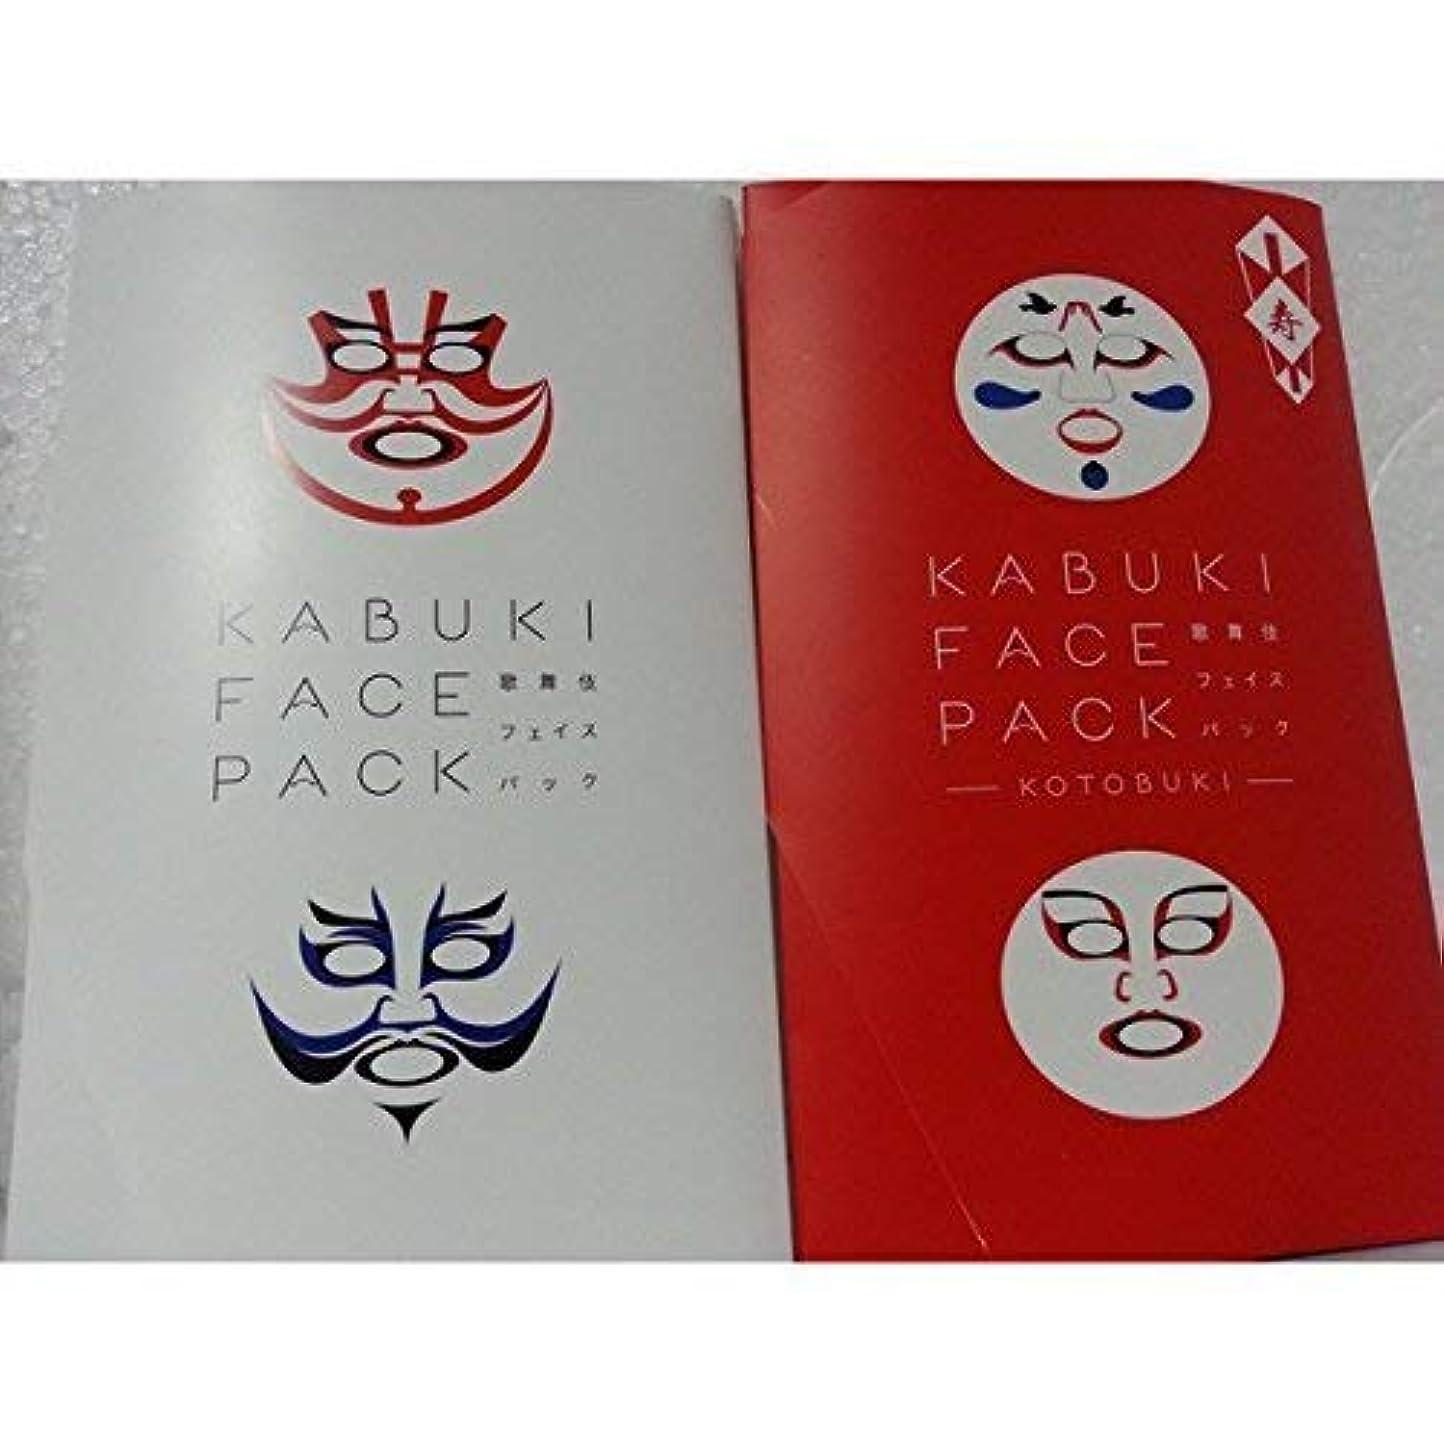 設計勘違いする二十歌舞伎フェイスパック&歌舞伎フェイスパック寿 KABUKI FACE PACK&KABUKI FACE PACK KOTOBUKI